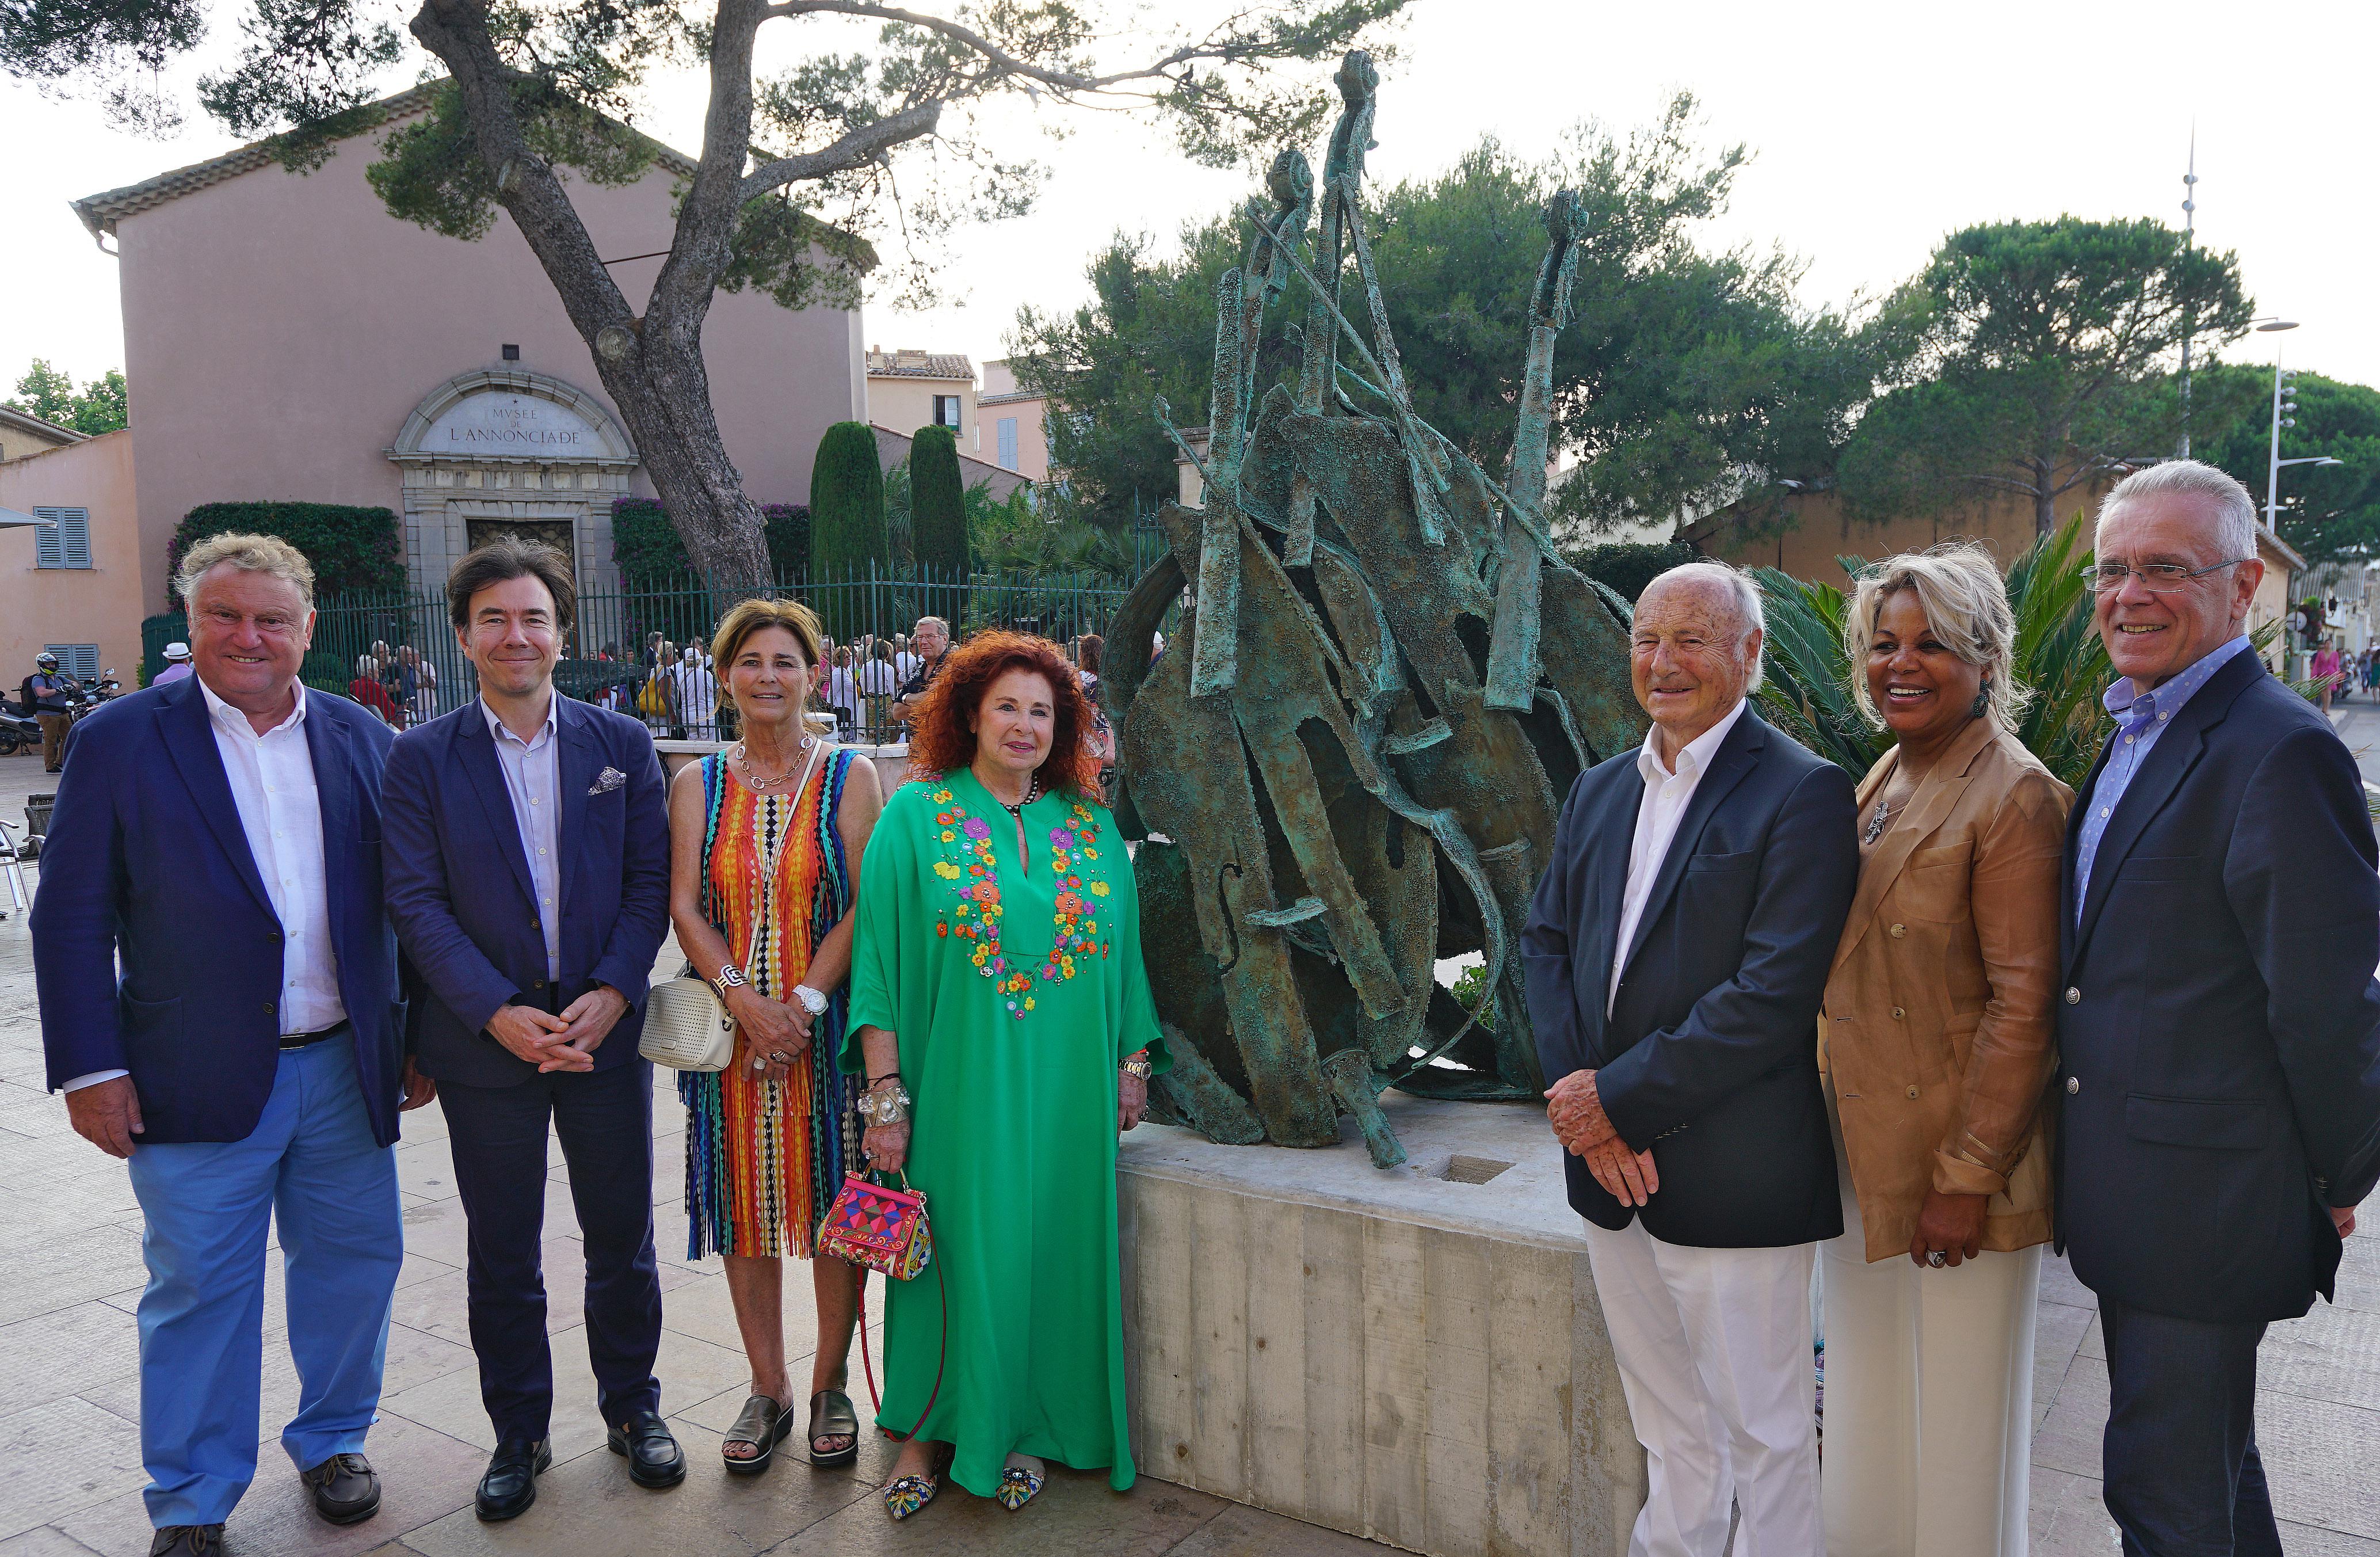 Artiste Peintre St Tropez exposition de sculptures géantes de l'artiste arman - site